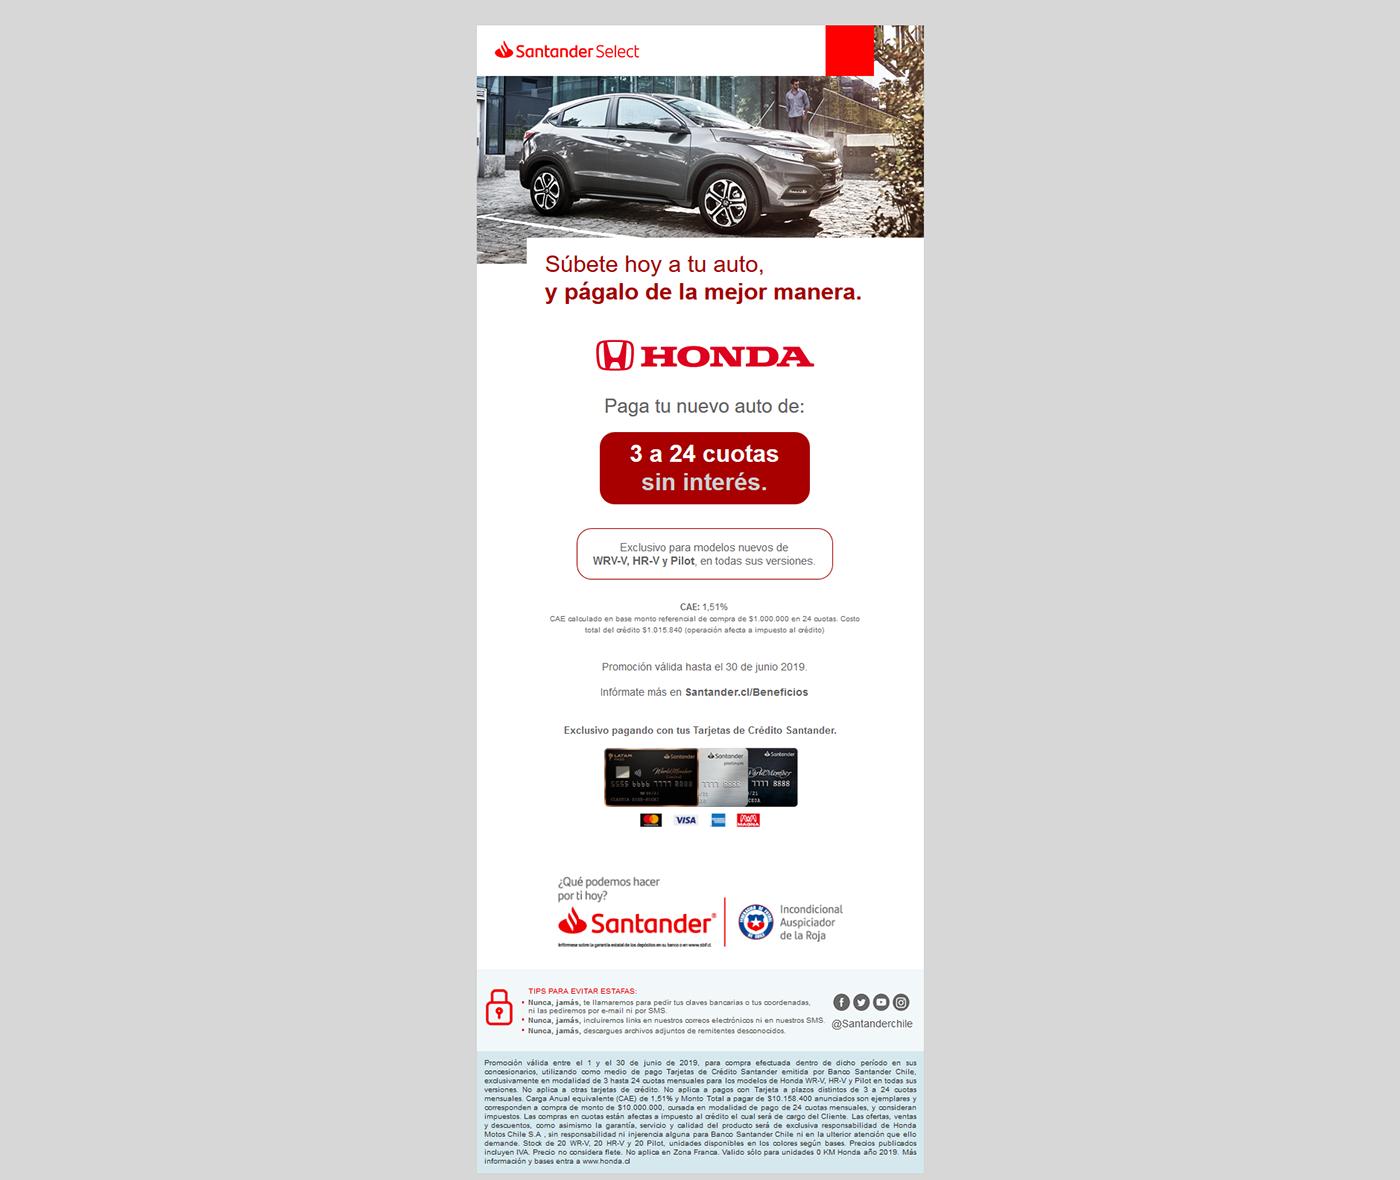 Image may contain: screenshot, abstract and vehicle